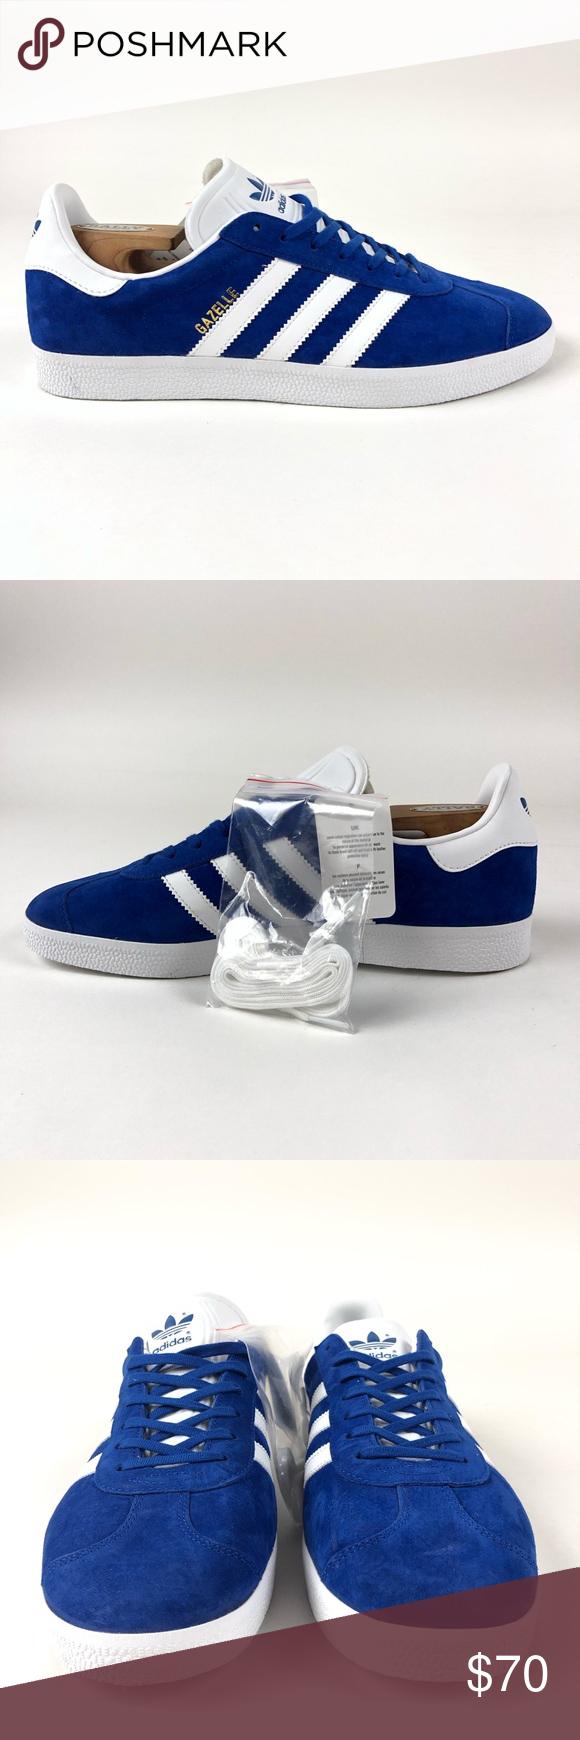 セカイモン | new in box adidas spezial royal | eBay公認海外